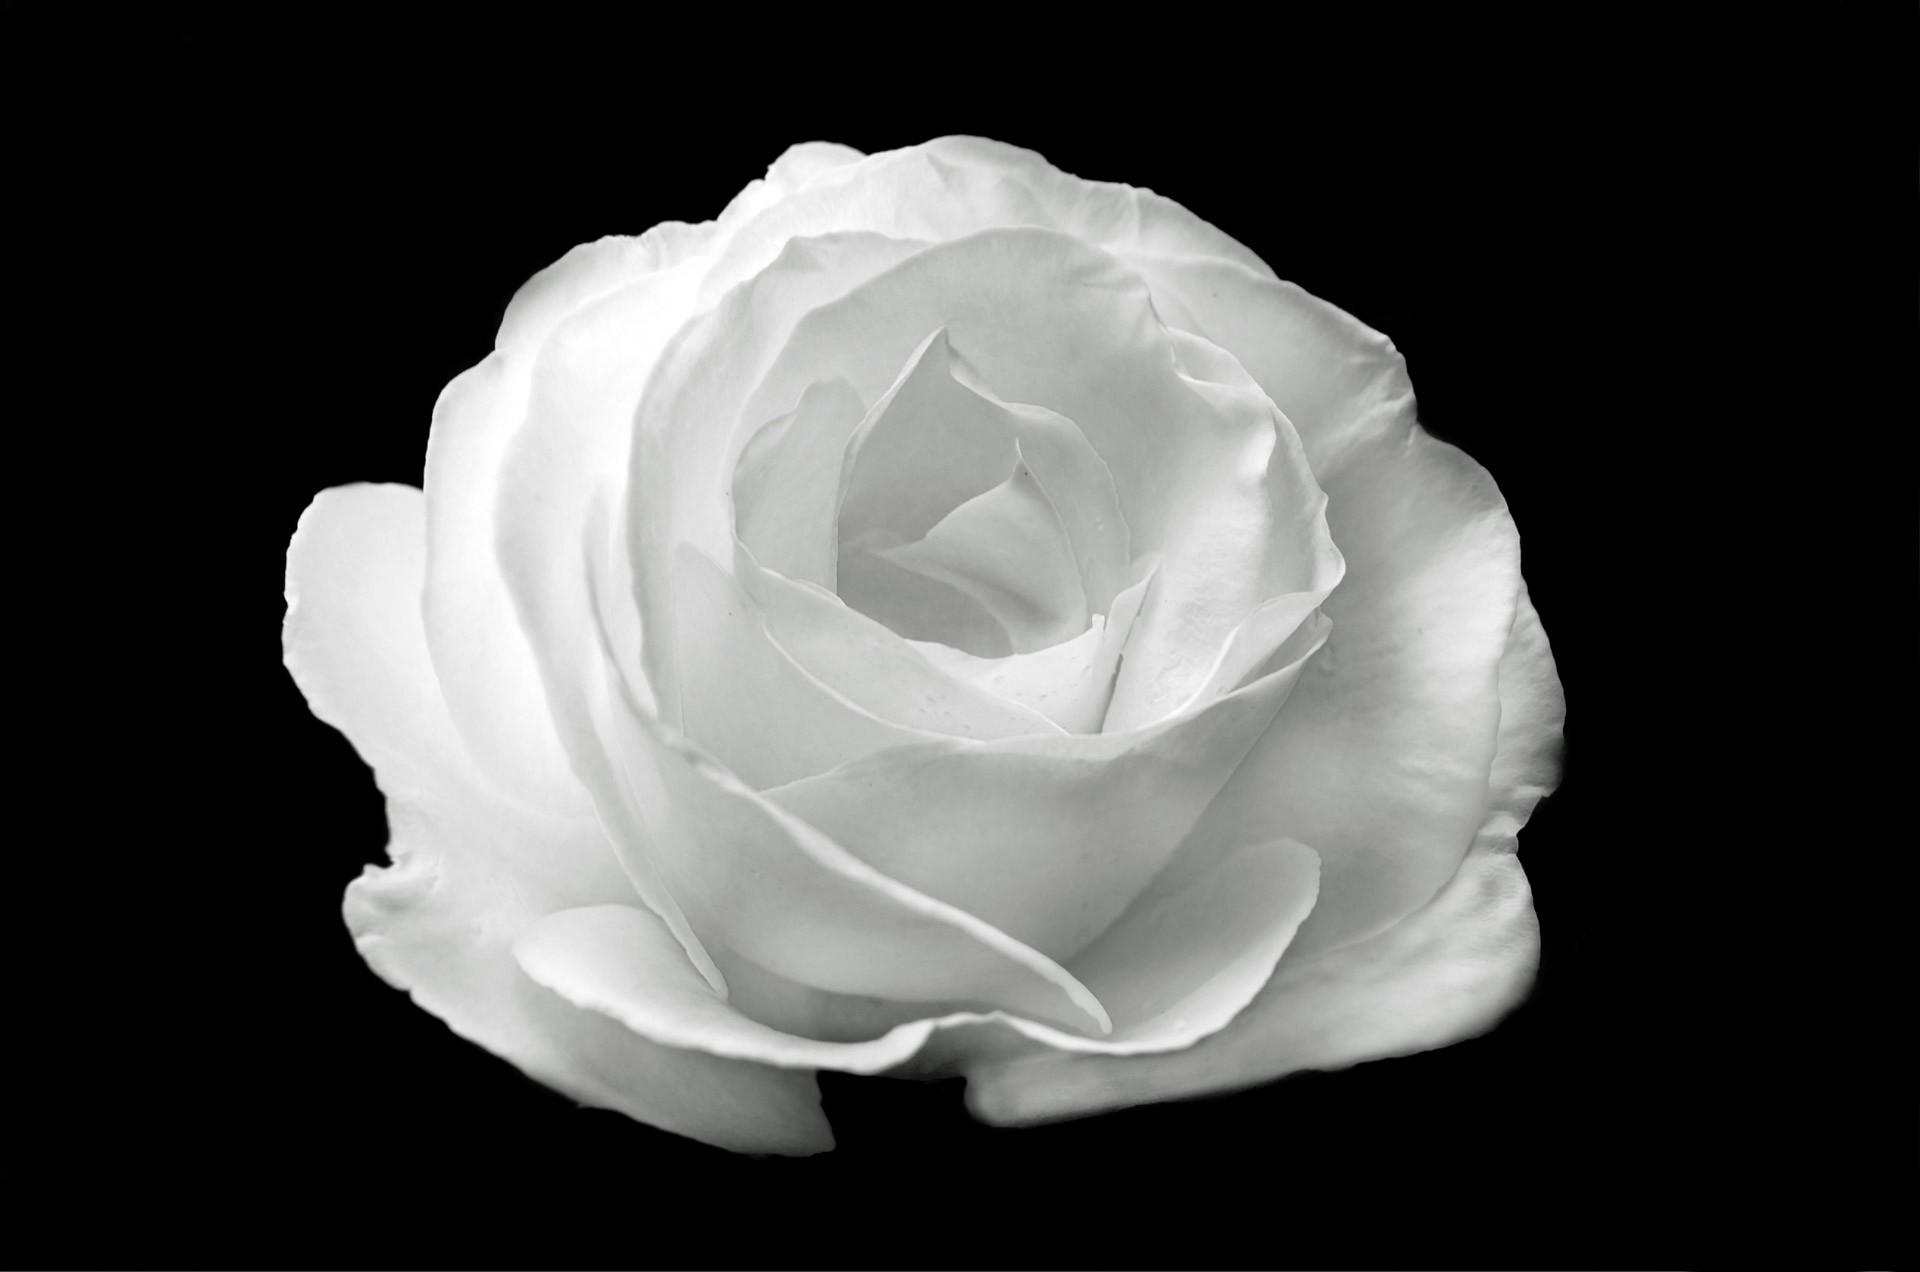 صور ورد جميل صور ورد رومانسى HD 2020 معلومات عن الورد 15